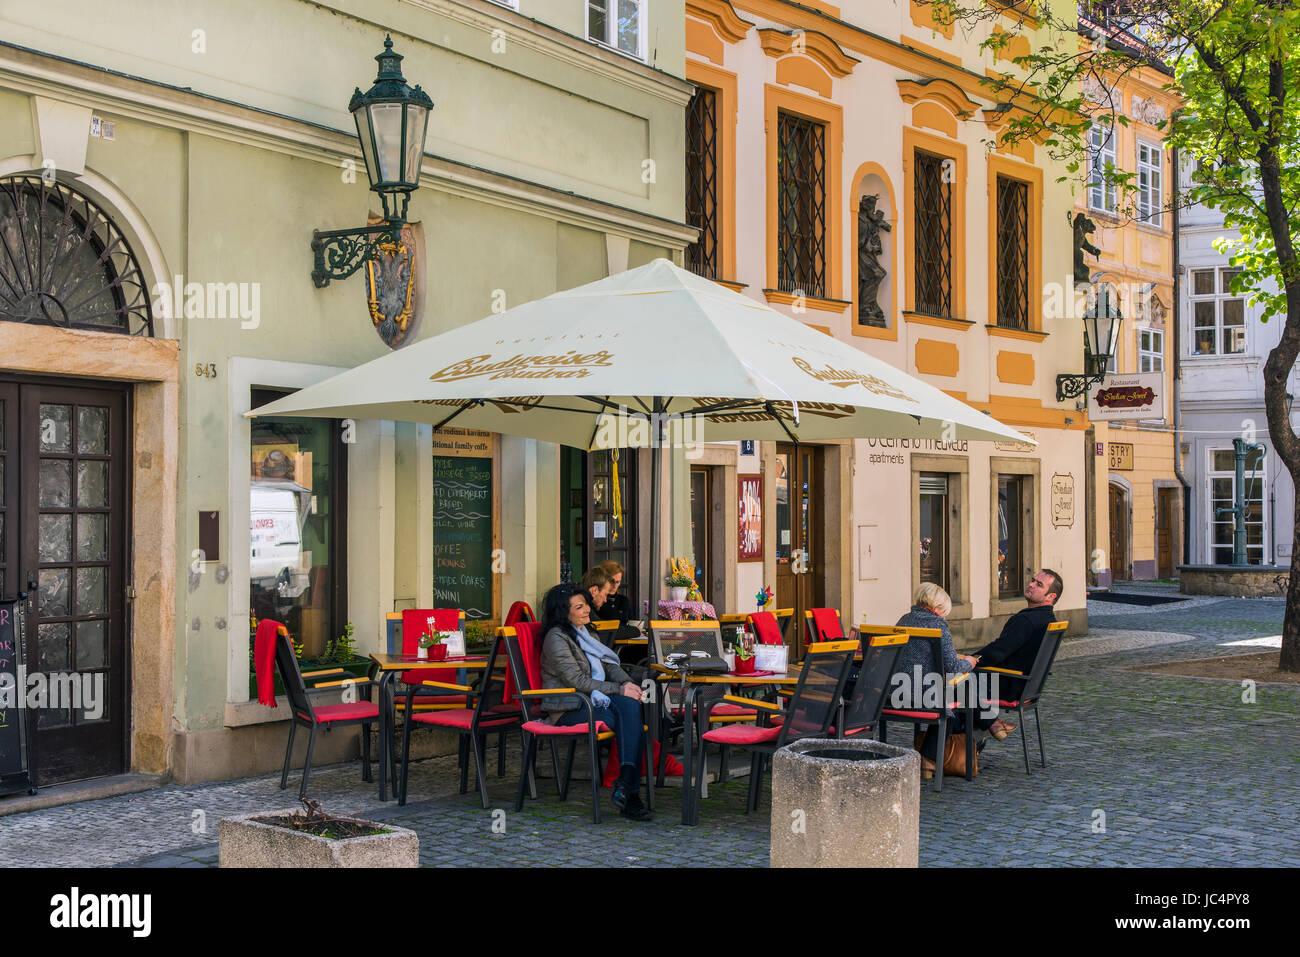 Freiluft-Café in der Altstadt, Prag, Böhmen, Tschechische Republik Stockbild